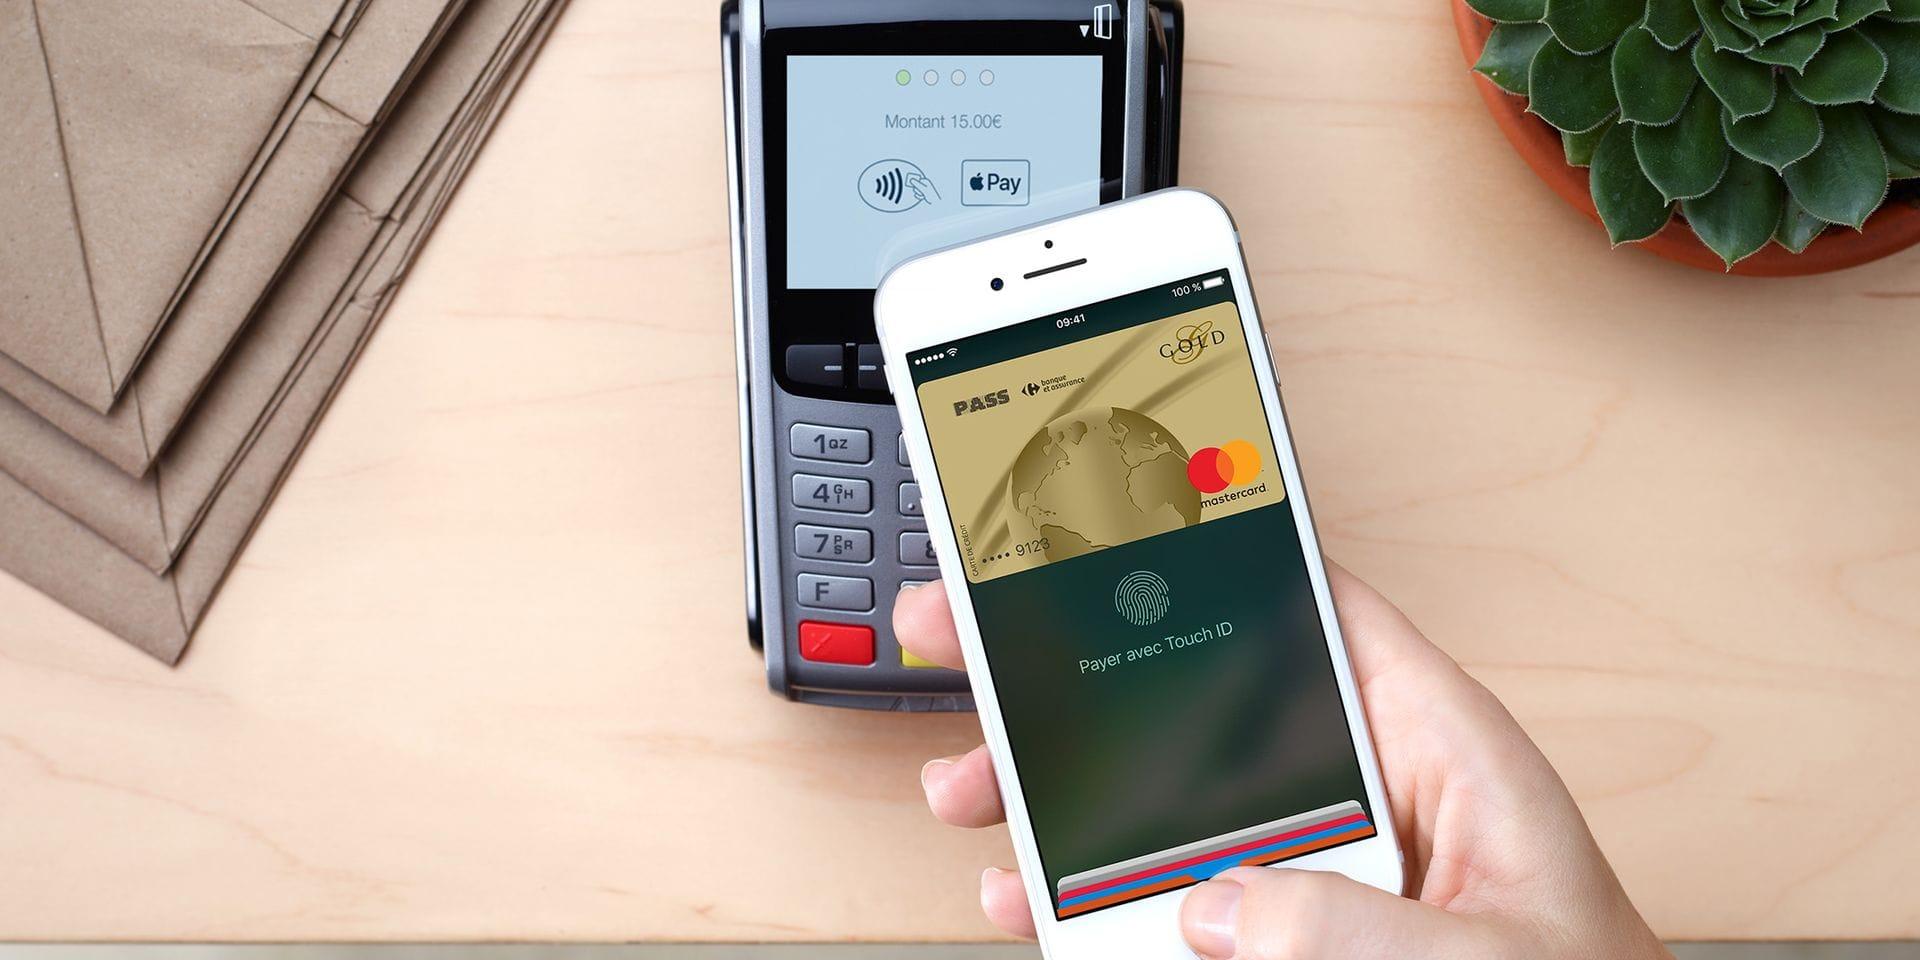 Apple Pay, le service de paiement intégré aux iPhone, est officiellement lancé en Belgique